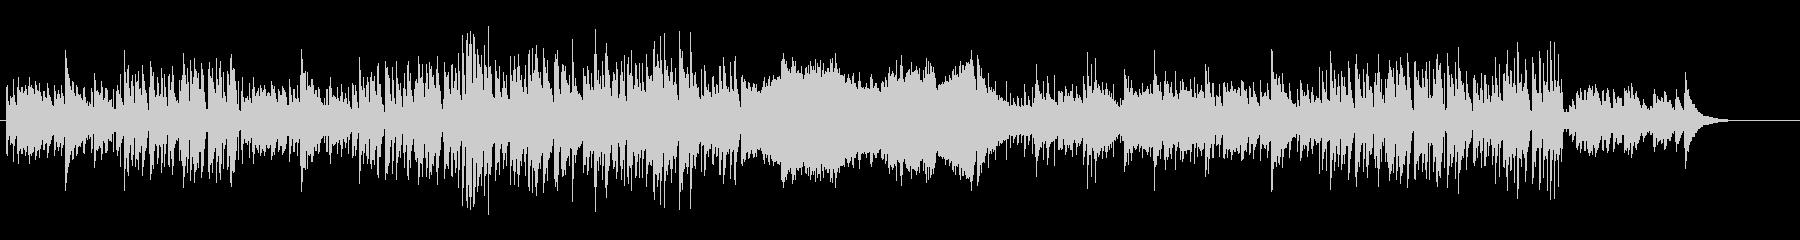 クロスオーバーなピアノ・サウンドの未再生の波形